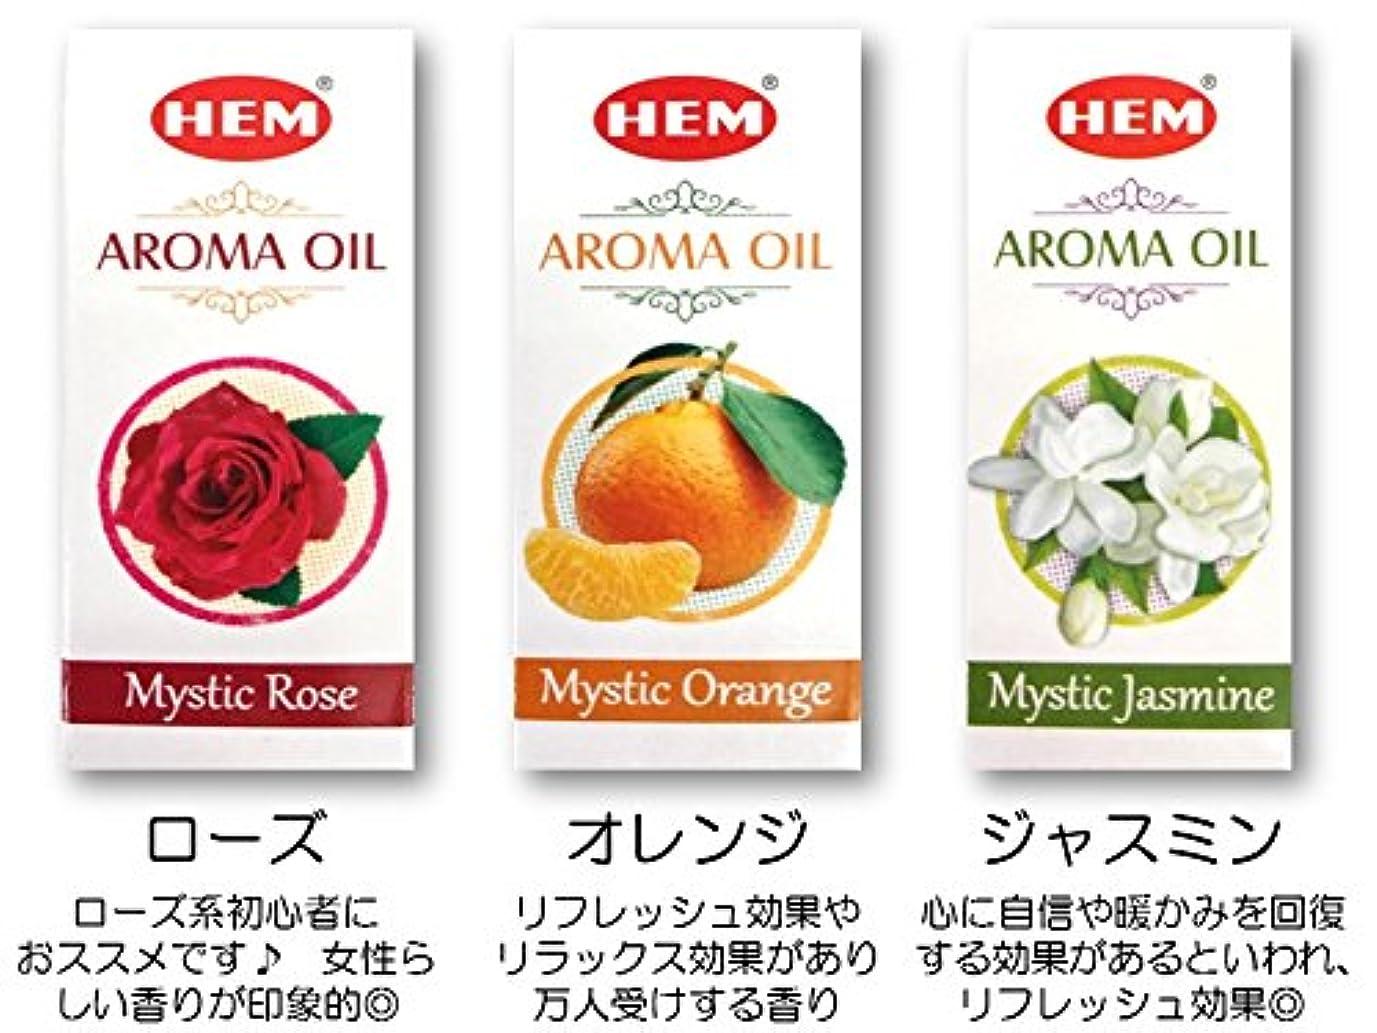 HEM(ヘム) アロマオイル 3本セット /ローズ?オレンジ?ジャスミン/ルームフレグランス用